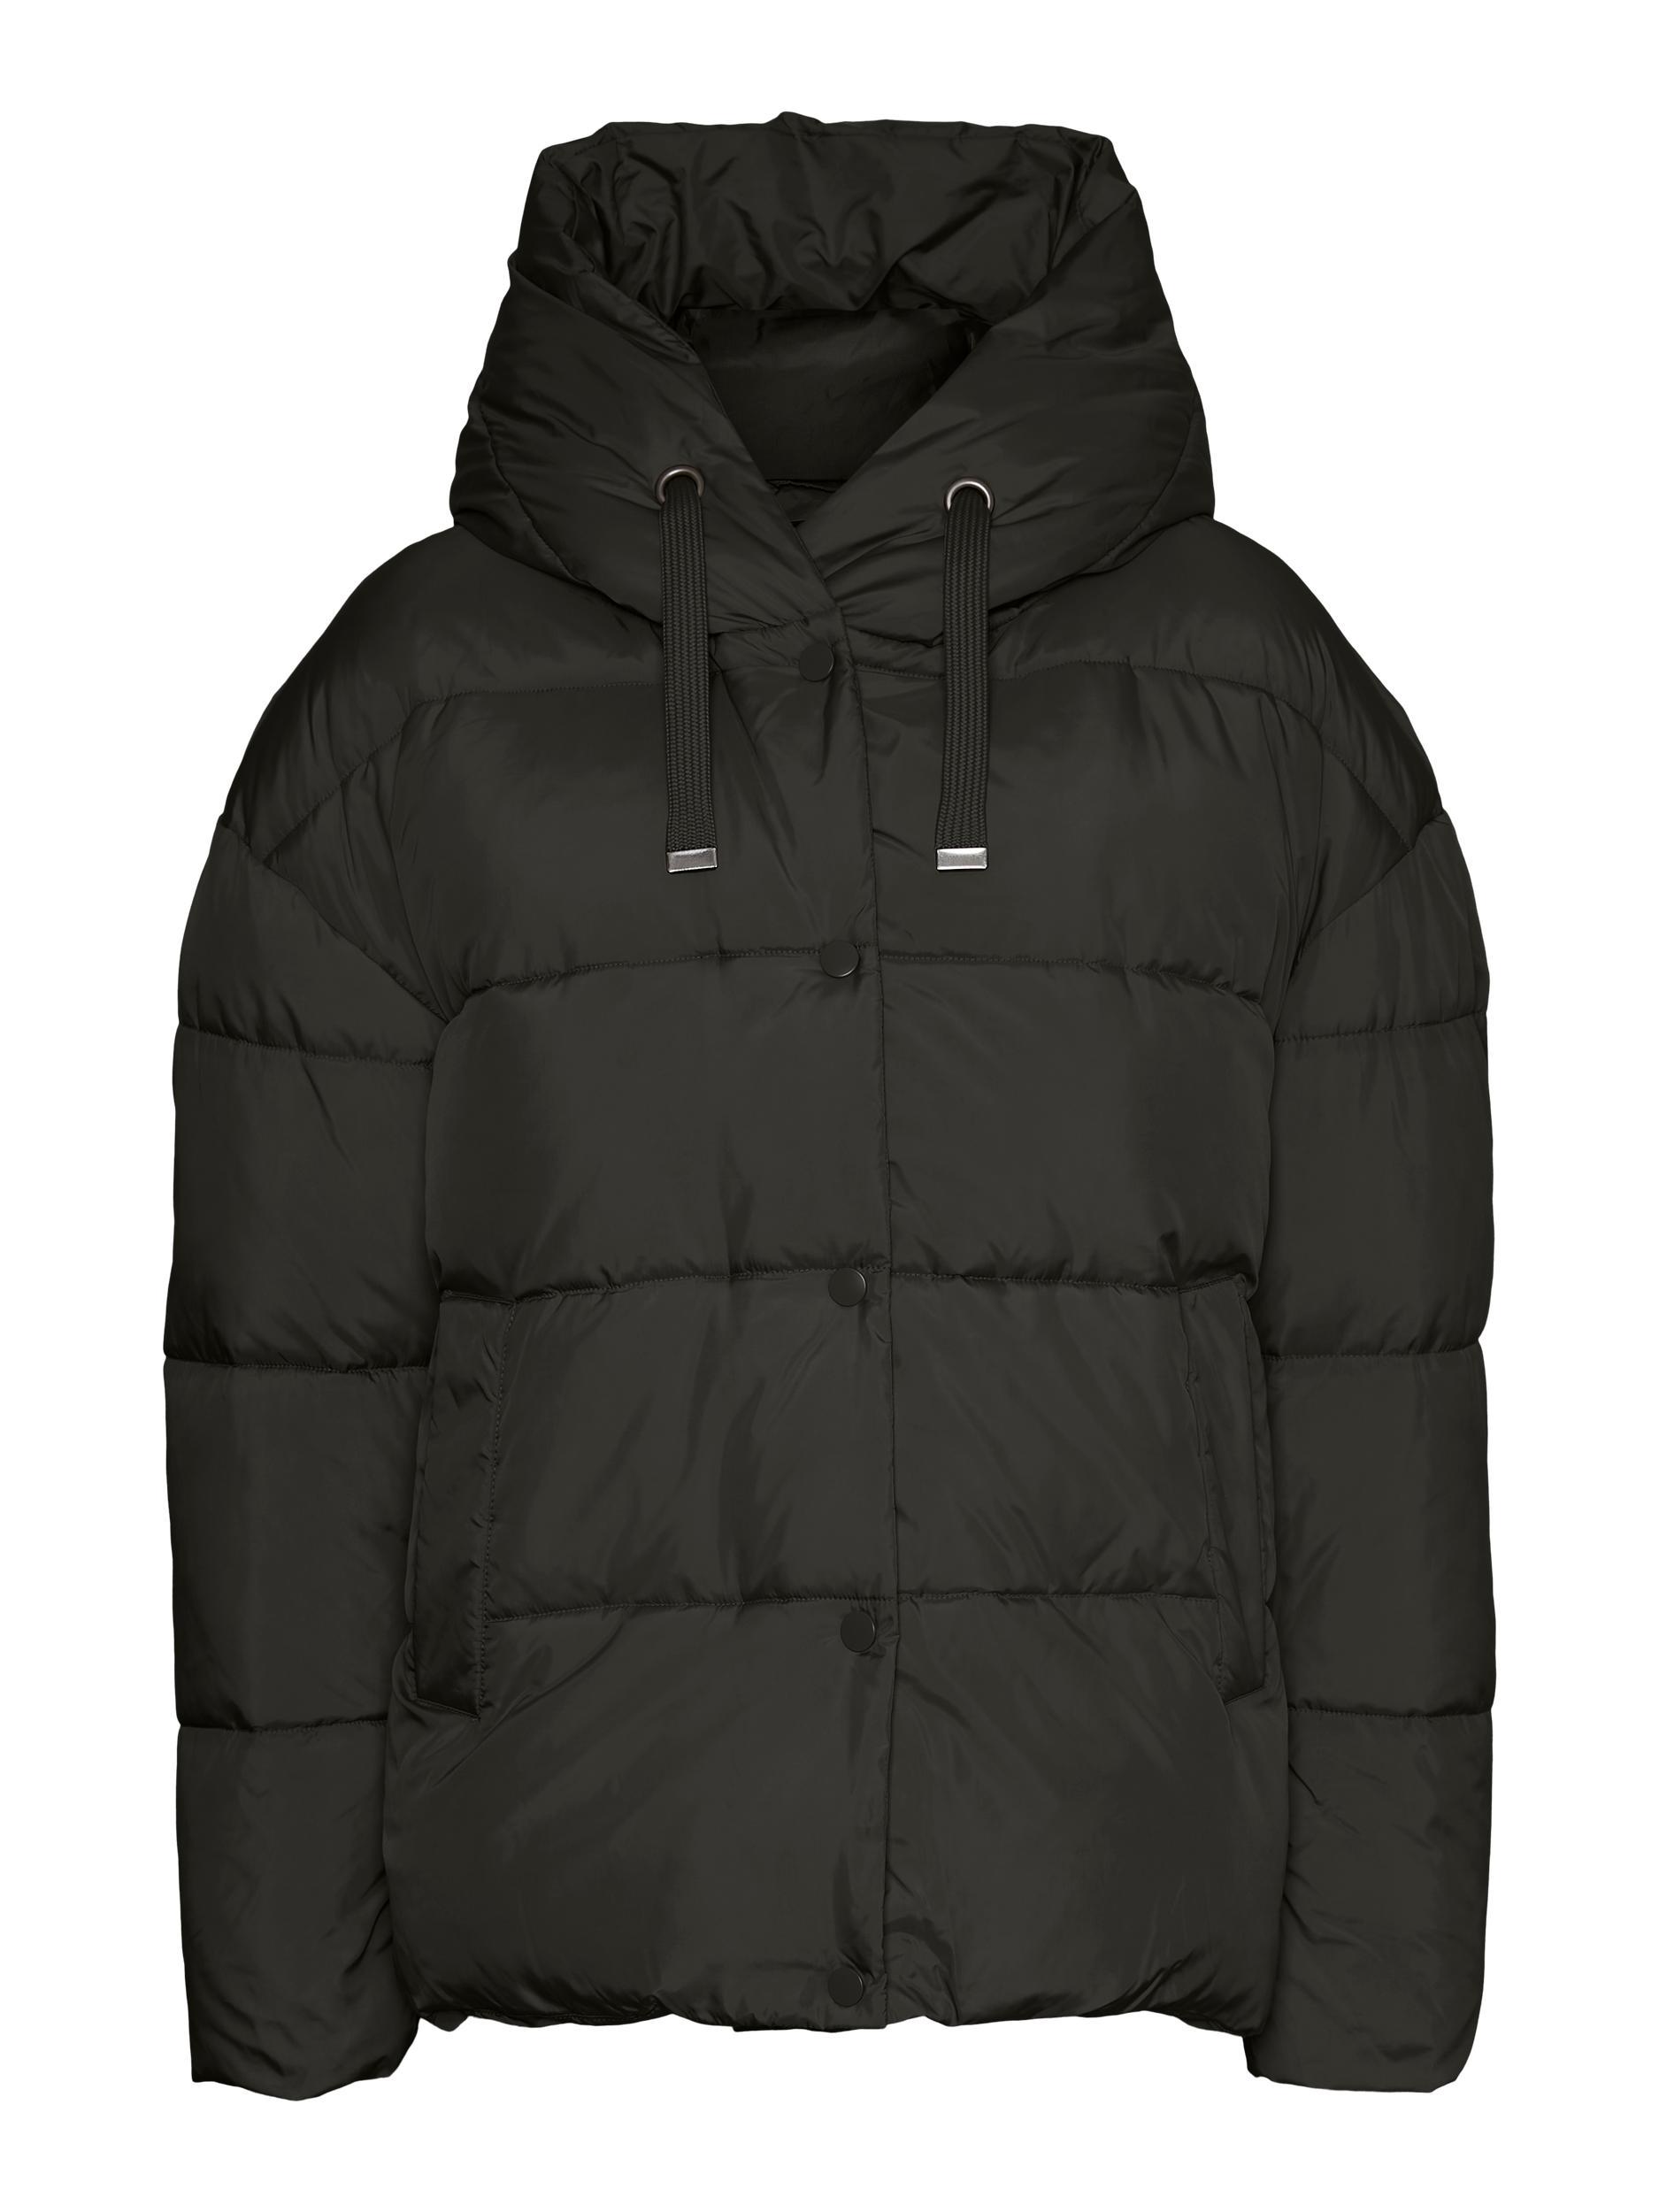 Vero Moda dámská krátká zimní bunda Gemma Holly čená